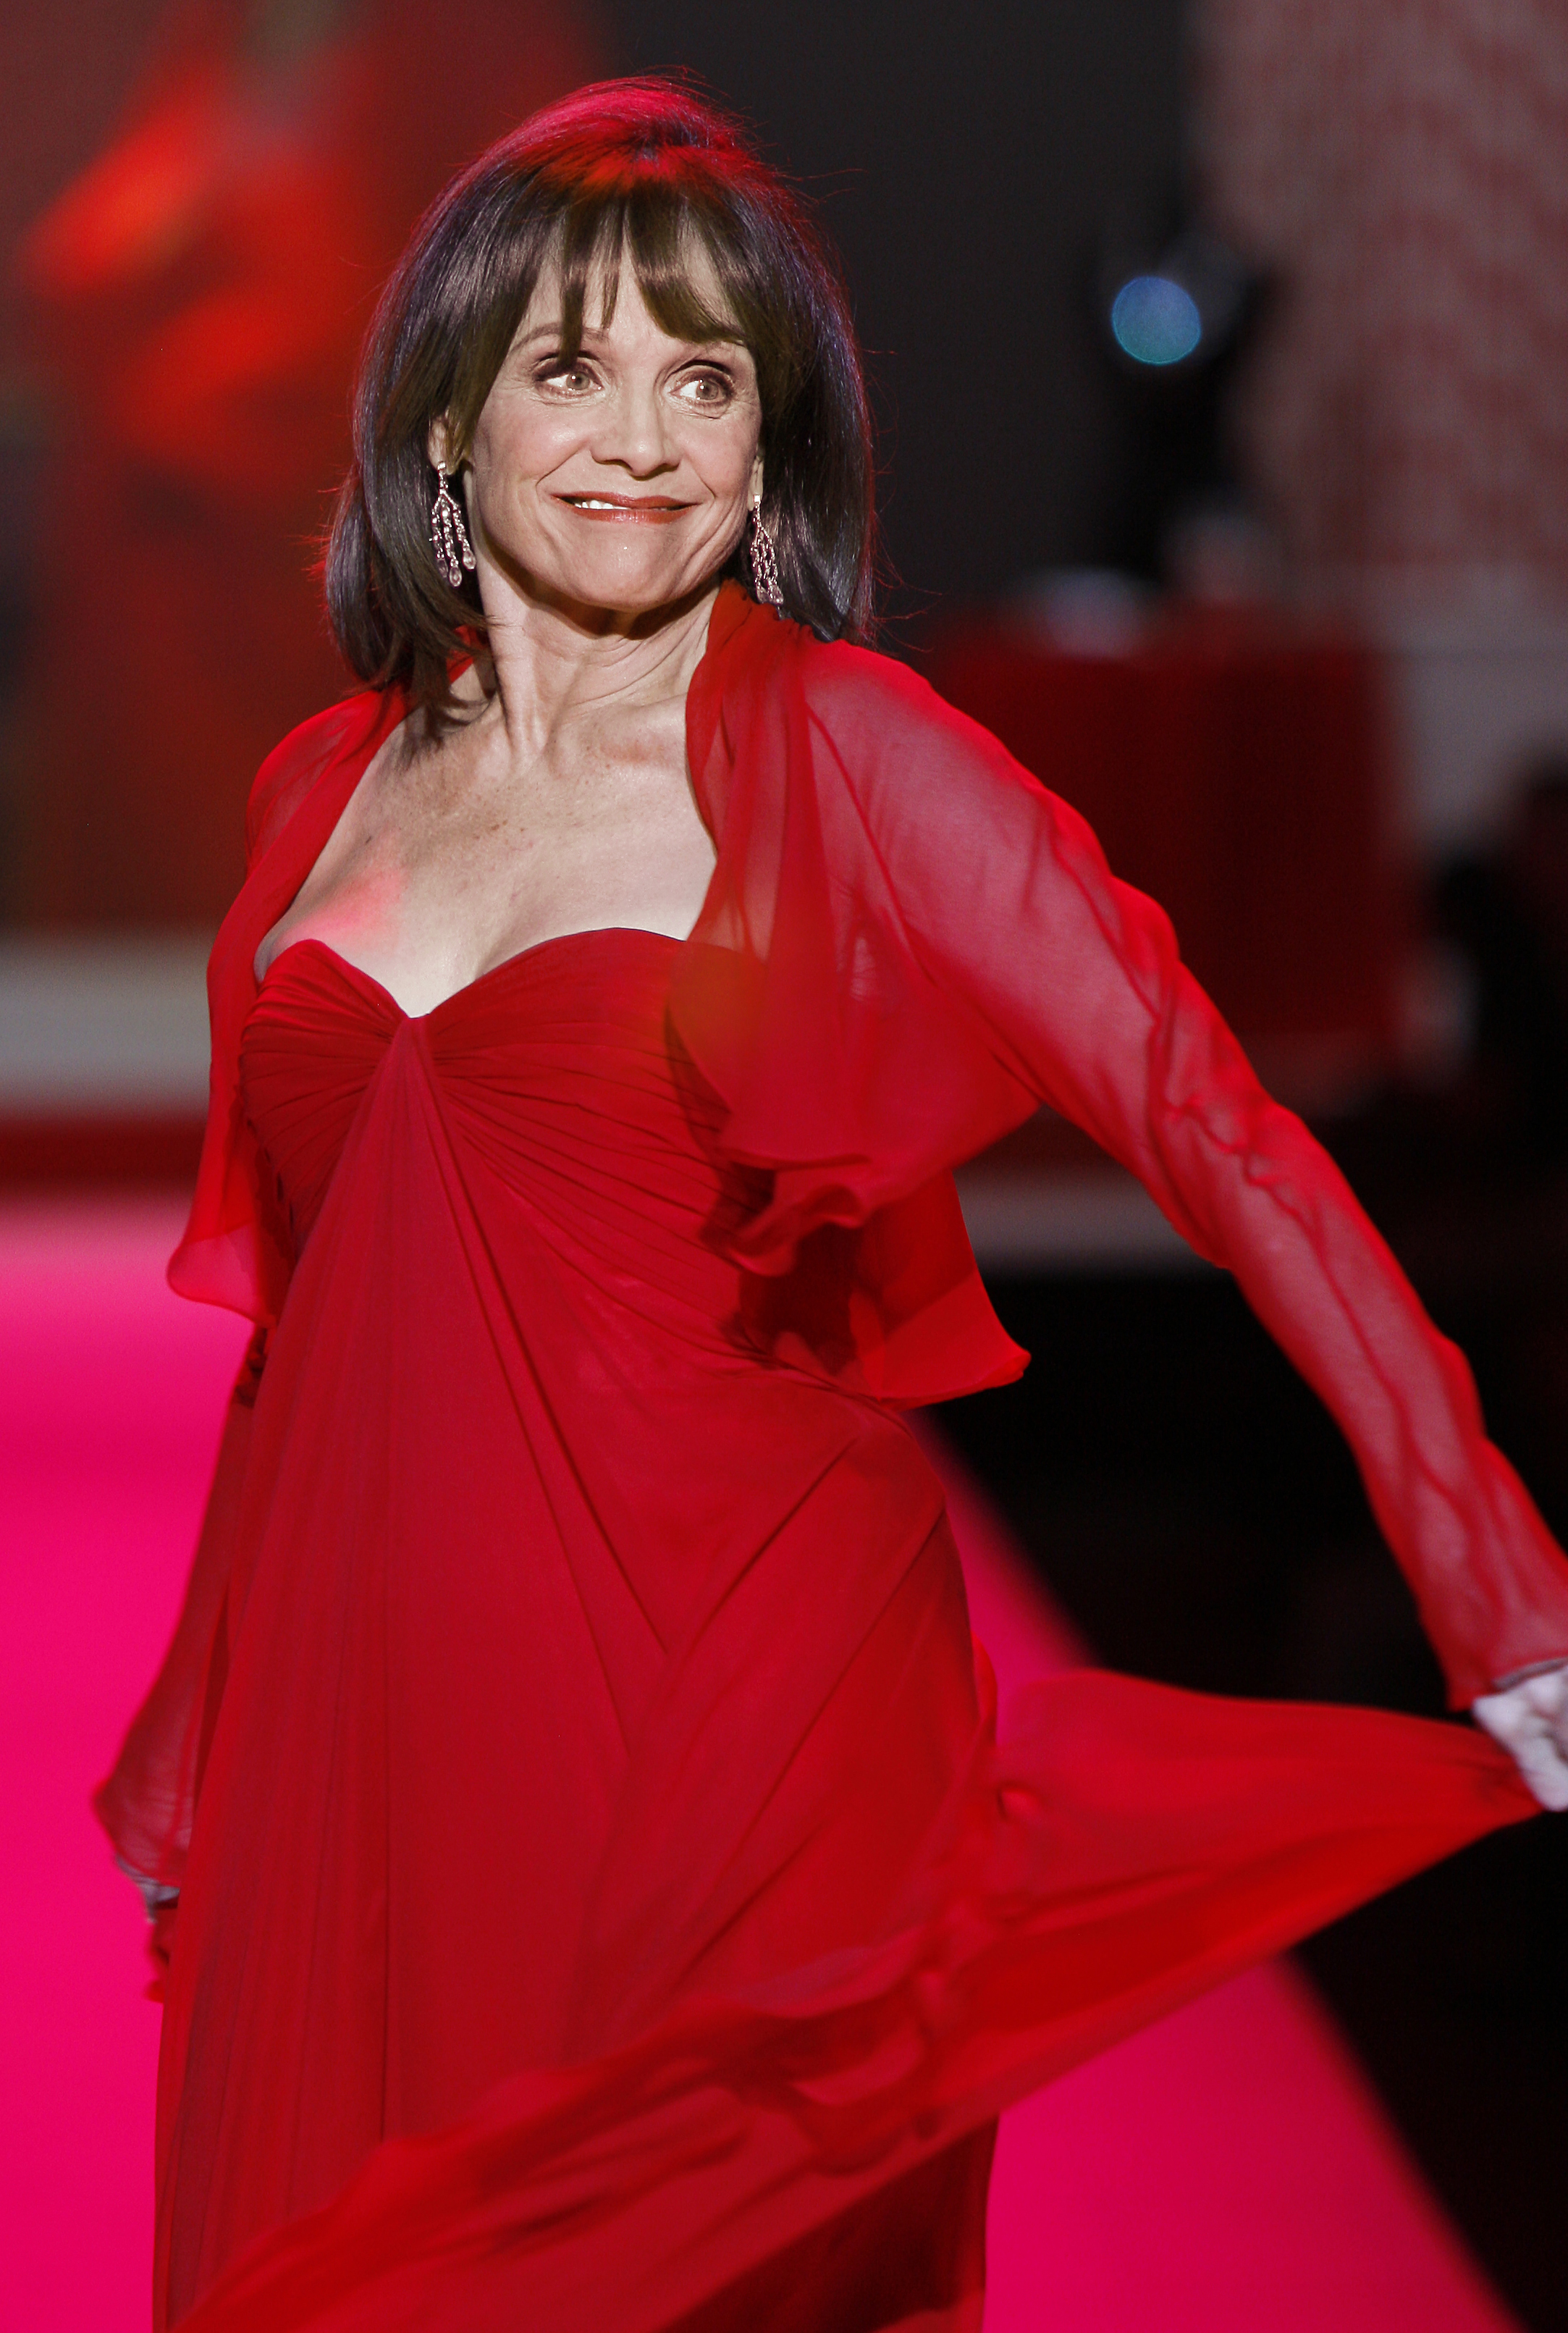 valerie harper red dress